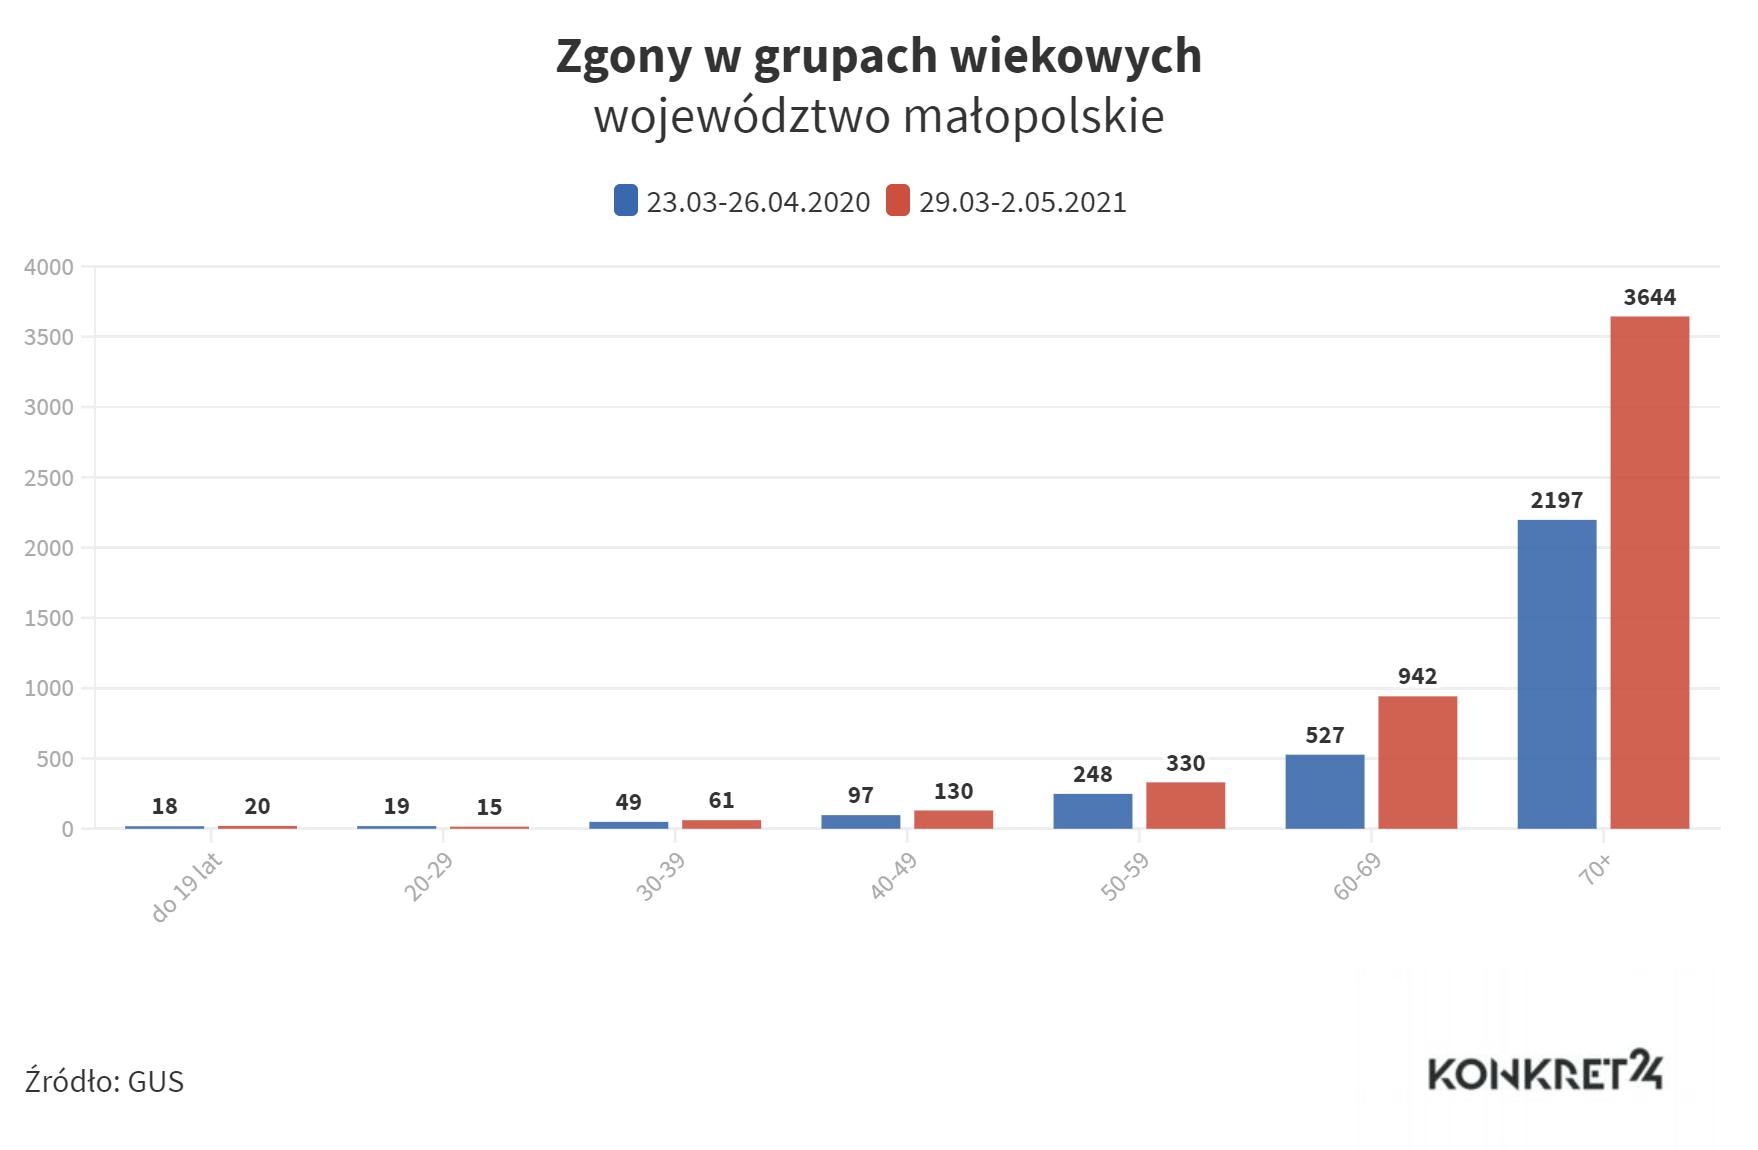 Zgony w grupach wiekowych (małopolskie)